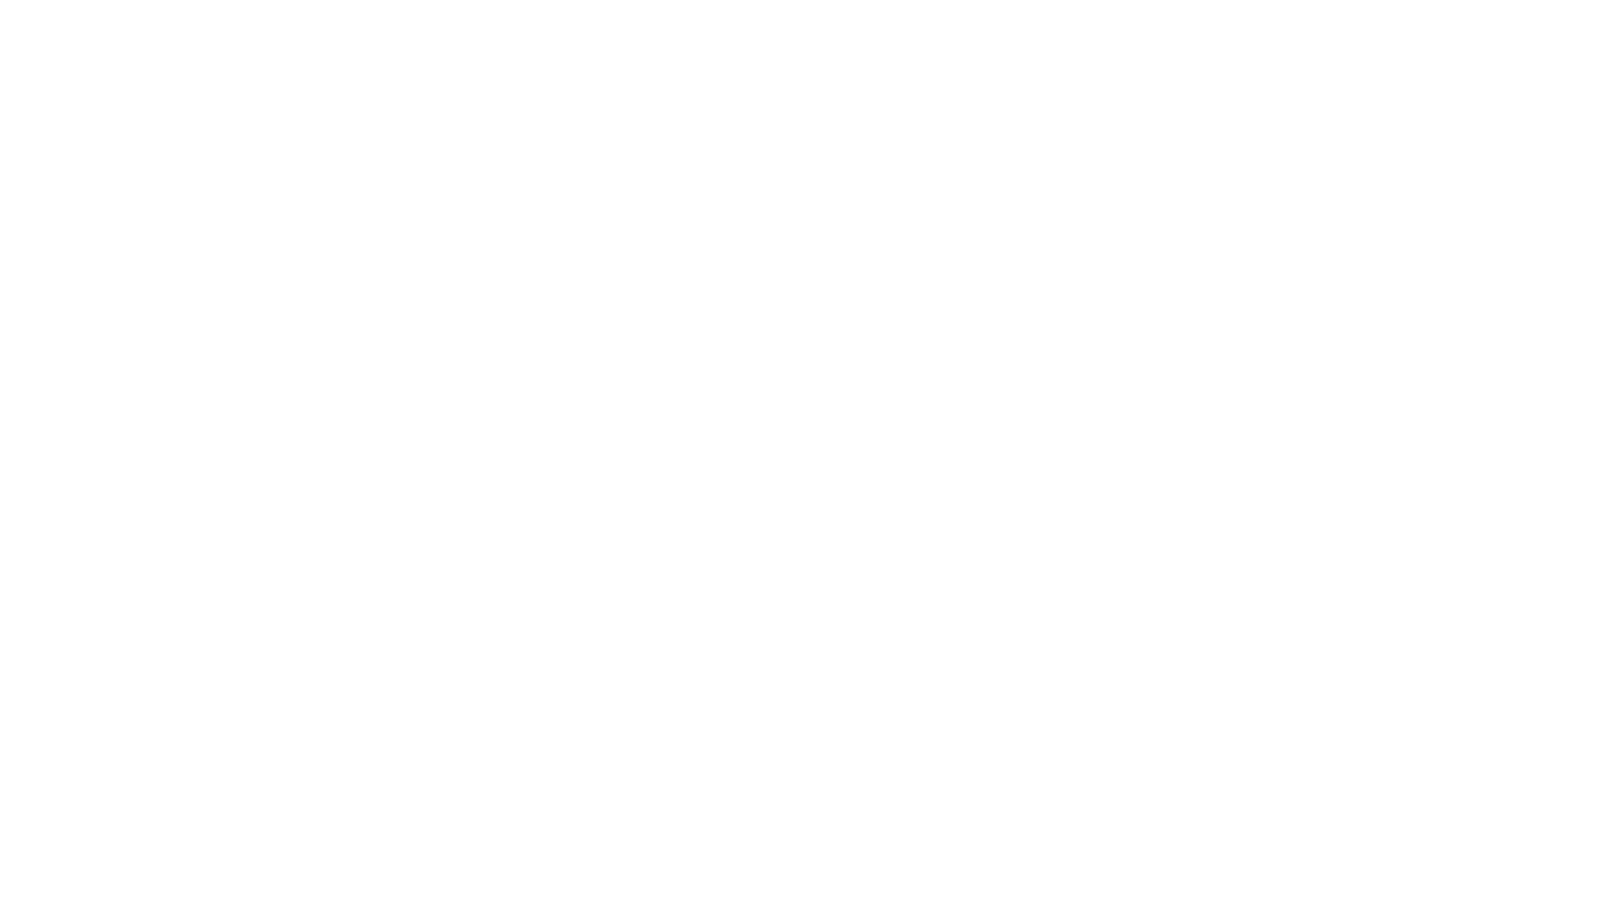 """Отвечаю на следующий комментарий с вопросом """"Александр, добрый вечер Часто слышу о т.н. Зоне комфорта, из которой психологи всех мастей и разного достоинства призывают немедленно выходить, чтобы достичь успеха, и тому подобное. Важно мне, что Вы считаете  по этому поводу. Насколько это важно- покидать зону комфорта и надо ли?"""" Интервью онлайн для записи на духовный процессинг - https://ot8.ru/#int Обучение - https://ot8.ru/izuchenie-duhovnogo-proczessinga/ Скайп - alphaorg2001 Whatsapp - 1 647 367 11 73 Подписка на новости - https://ot8.ru/#subscribe Высшие уровни - https://ot8pro.com  Лучший процессинг для людей - Ремонт Жизни и Новые Способности - Коррекция Шаблонов Поведения и Мышления - Стабильные результаты - Мы достигаем то, что обещали. #психология #ДуховныйПроцессинг #АлександрЗемляков #ПсихологияЖизни  Духовный Процессинг без проблем и границ https://www.ot8.org Духовный Путь без границ https://veia.ru  Посмотрите Другие Темы  Подкасты https://www.youtube.com/watch?v=iU-uOCC0ZcQ&list=PLTDPbnTZJqlK0UuTGlKWTlqSCncsh2Jkw Основы одитинга https://www.youtube.com/watch?v=vJrjhxieedc&list=PLTDPbnTZJqlJtzH78CJrDCnHSYmwudTWH Природа эмоций https://www.youtube.com/watch?v=EbTZIeg0p40&list=PLTDPbnTZJqlKpGfoEWp88eRlNqM3uMQfk Как использовать критику с воих целях https://www.youtube.com/watch?v=xdS3JnadT4E&list=PLTDPbnTZJqlKk9Ta_s0VU1bHxFkTZgZt_ Как Познать Себя? hhttps://www.youtube.com/playlist?list=PLTDPbnTZJqlK4xjxYIvSV5Jx2ShVKa6tf Духовный Процессинг https://www.youtube.com/playlist?list=PLTDPbnTZJqlI3nbSe7FnILq72rk-Bg2fI Смысл Жизни https://www.youtube.com/playlist?list=PLTDPbnTZJqlKQ4Gj4qWPKYuMIkNUOm_tg Природа Желаний https://www.youtube.com/playlist?list=PLTDPbnTZJqlKQ7LmW3zASv8KN801rhXhy Жизнь https://www.youtube.com/playlist?list=PLTDPbnTZJqlK7EuUyqfhHJ4LjpYZ7Pk24 Отношения между людьми https://www.youtube.com/playlist?list=PLTDPbnTZJqlJPKKSRsdkecUkd1eaActNr Уязвимости человека https://www.youtube.com/playlist?list=PLTDPbnTZJqlK0x4QEWEYXDvDdrGSlCK-b Духовный """